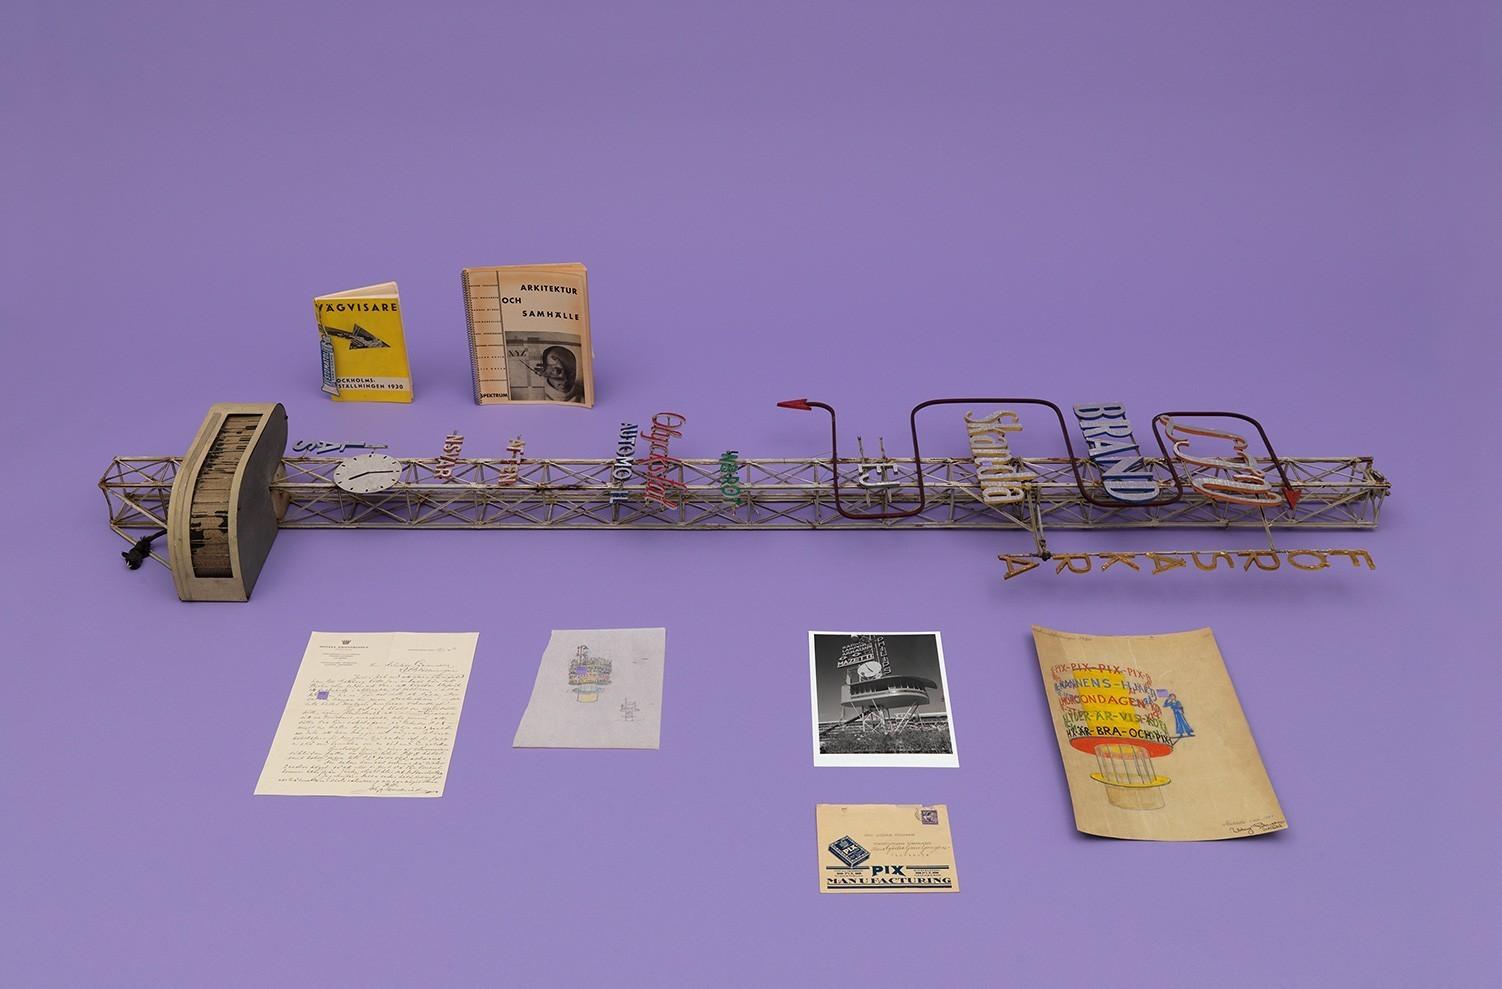 ritator_the_swedish_museum_of_architecture_magazine_18